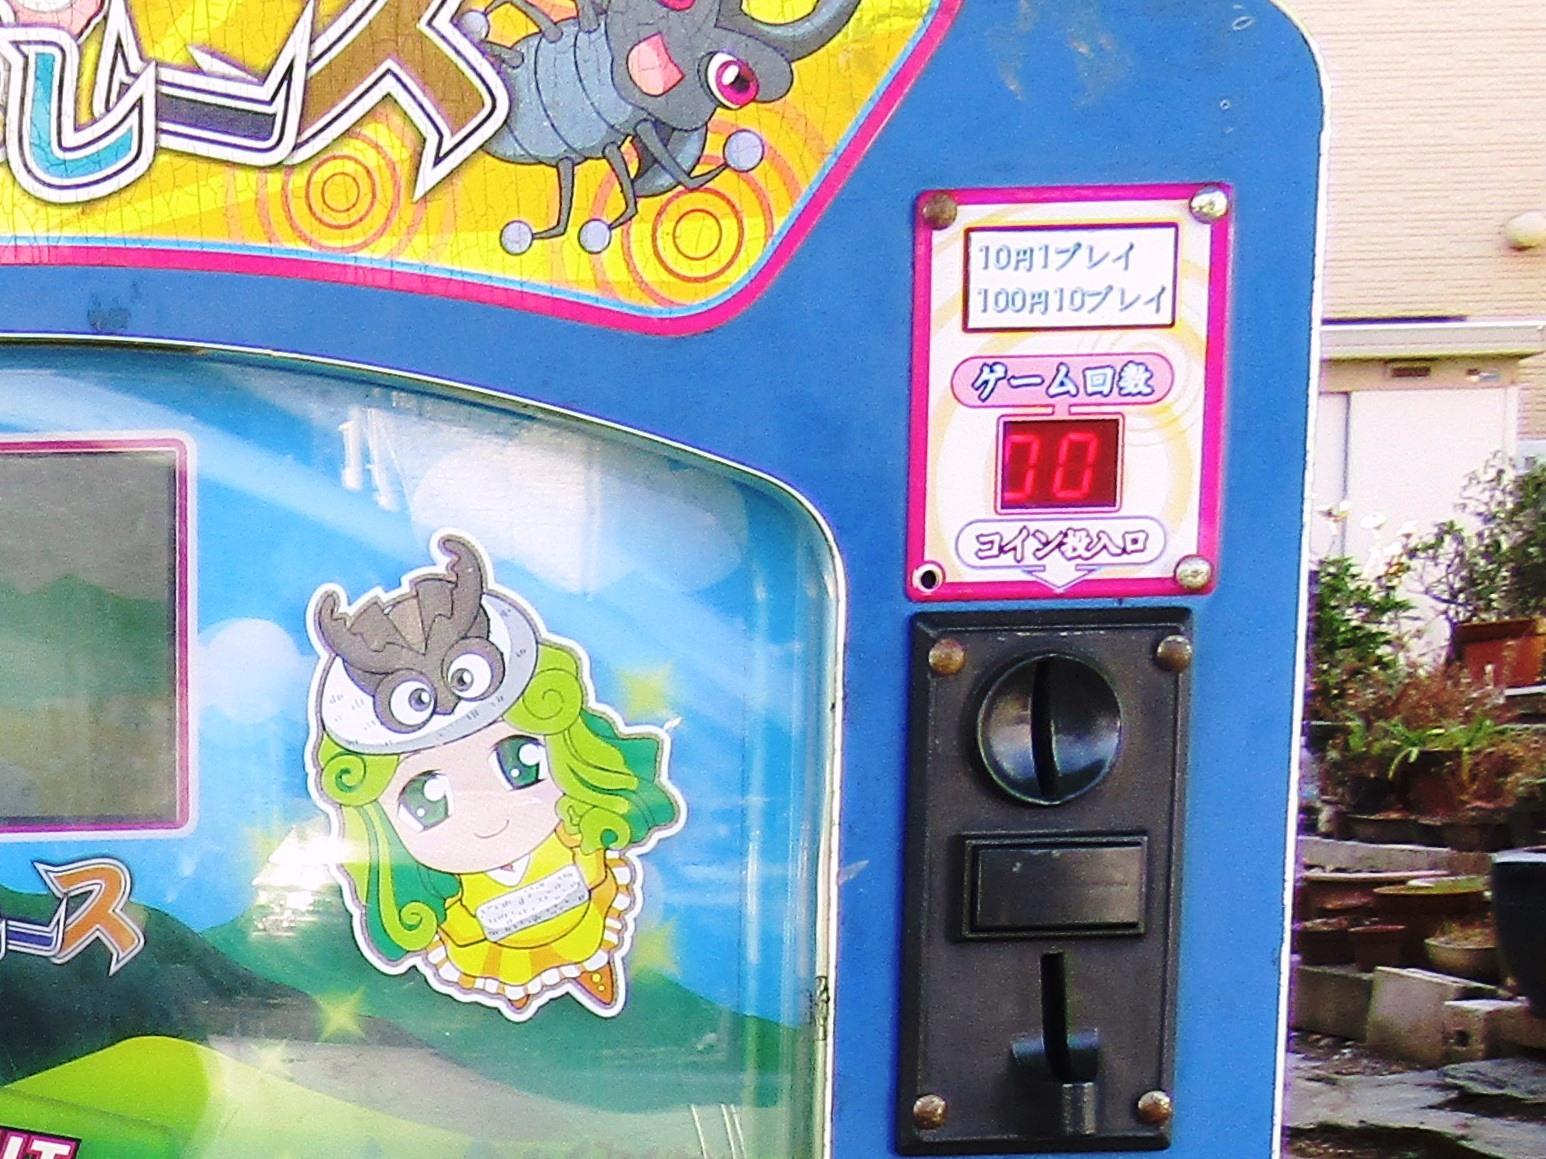 ゲーム機の料金設定